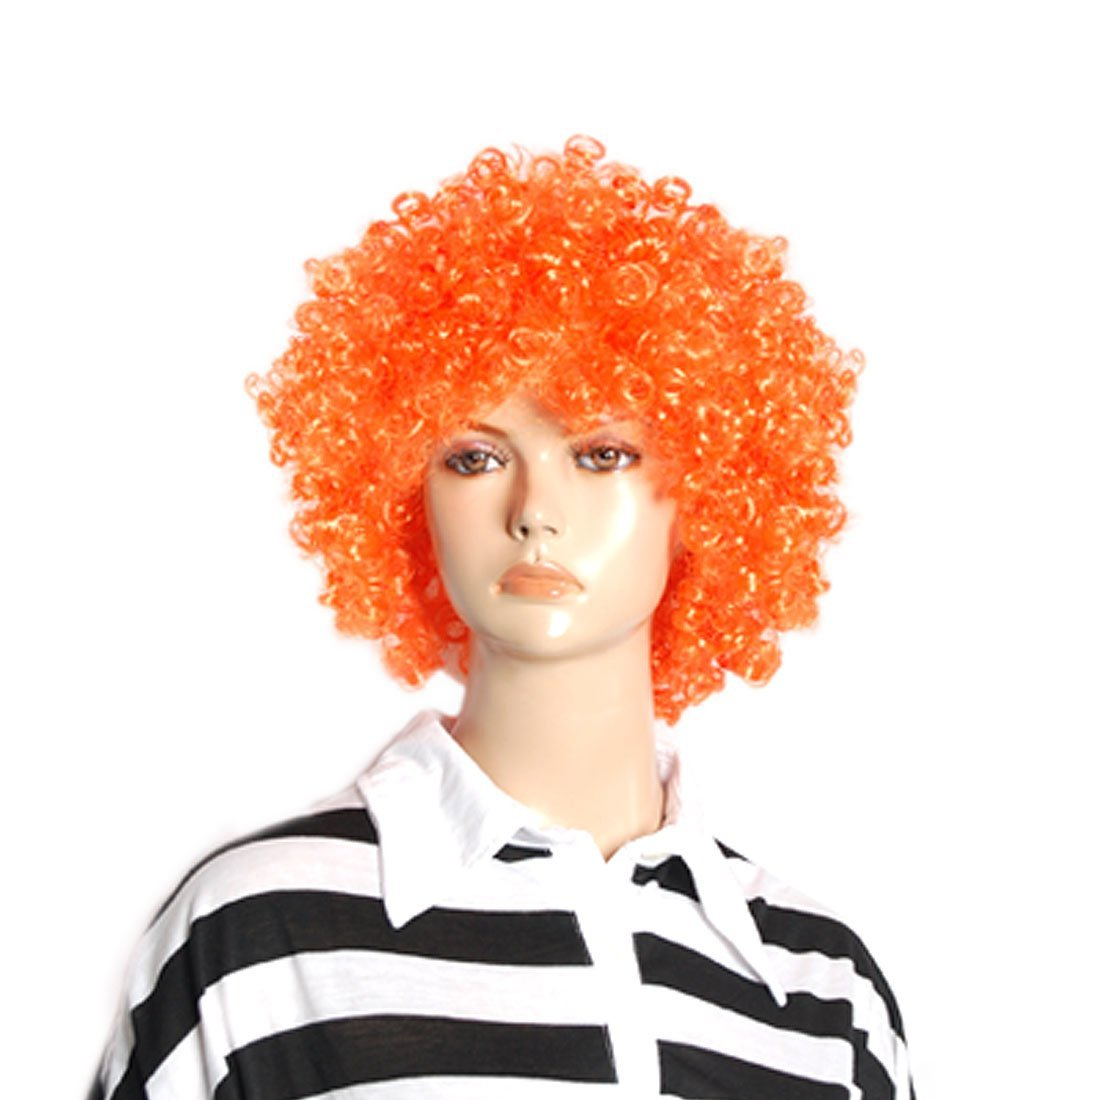 Halloween Hombre Mujer Naranja Rizado Afro Circo Peluca De Payaso: Amazon.es: Belleza